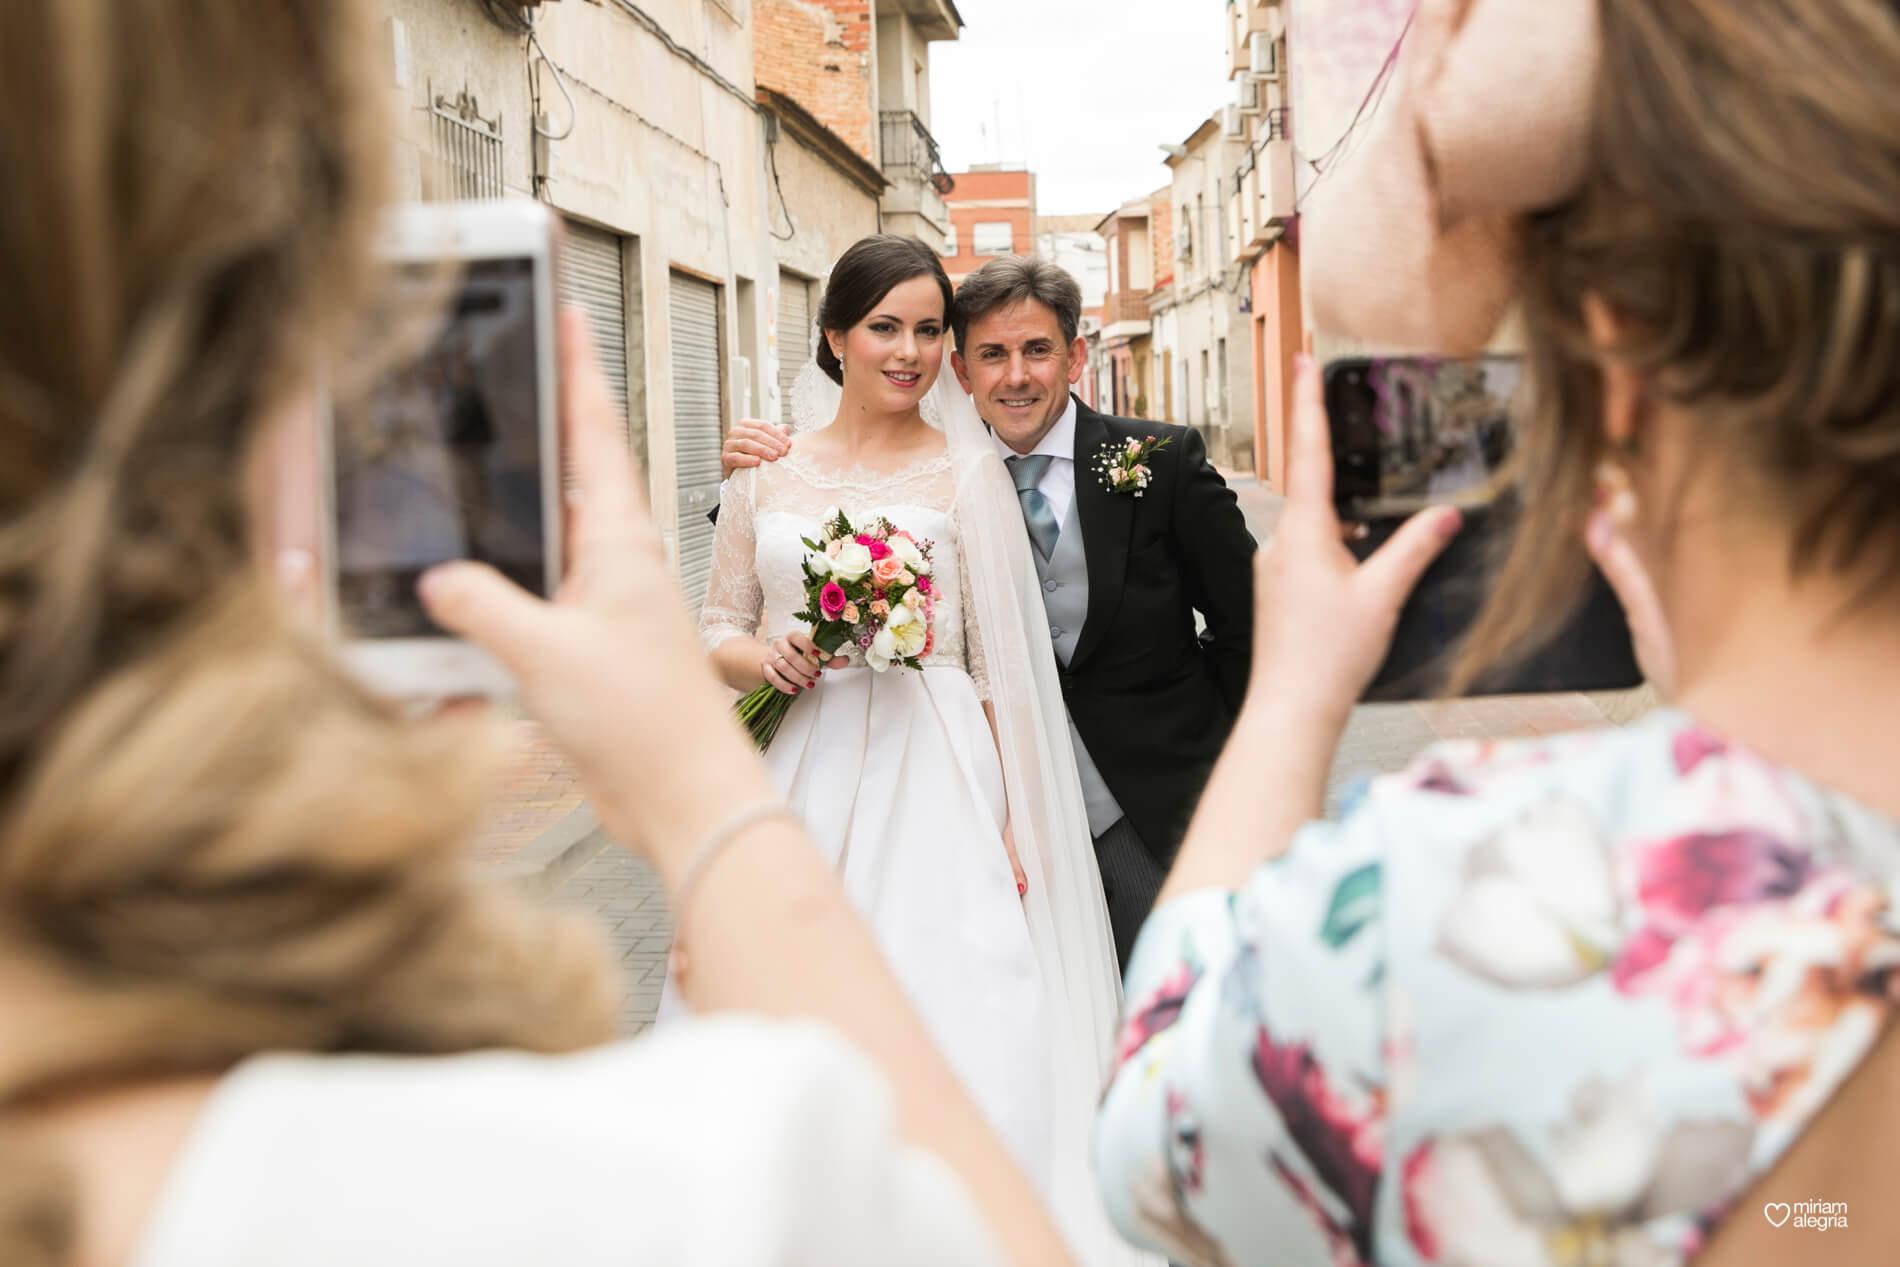 boda-en-el-rincon-huertano-miriam-alegria-fotografos-boda-murcia-32